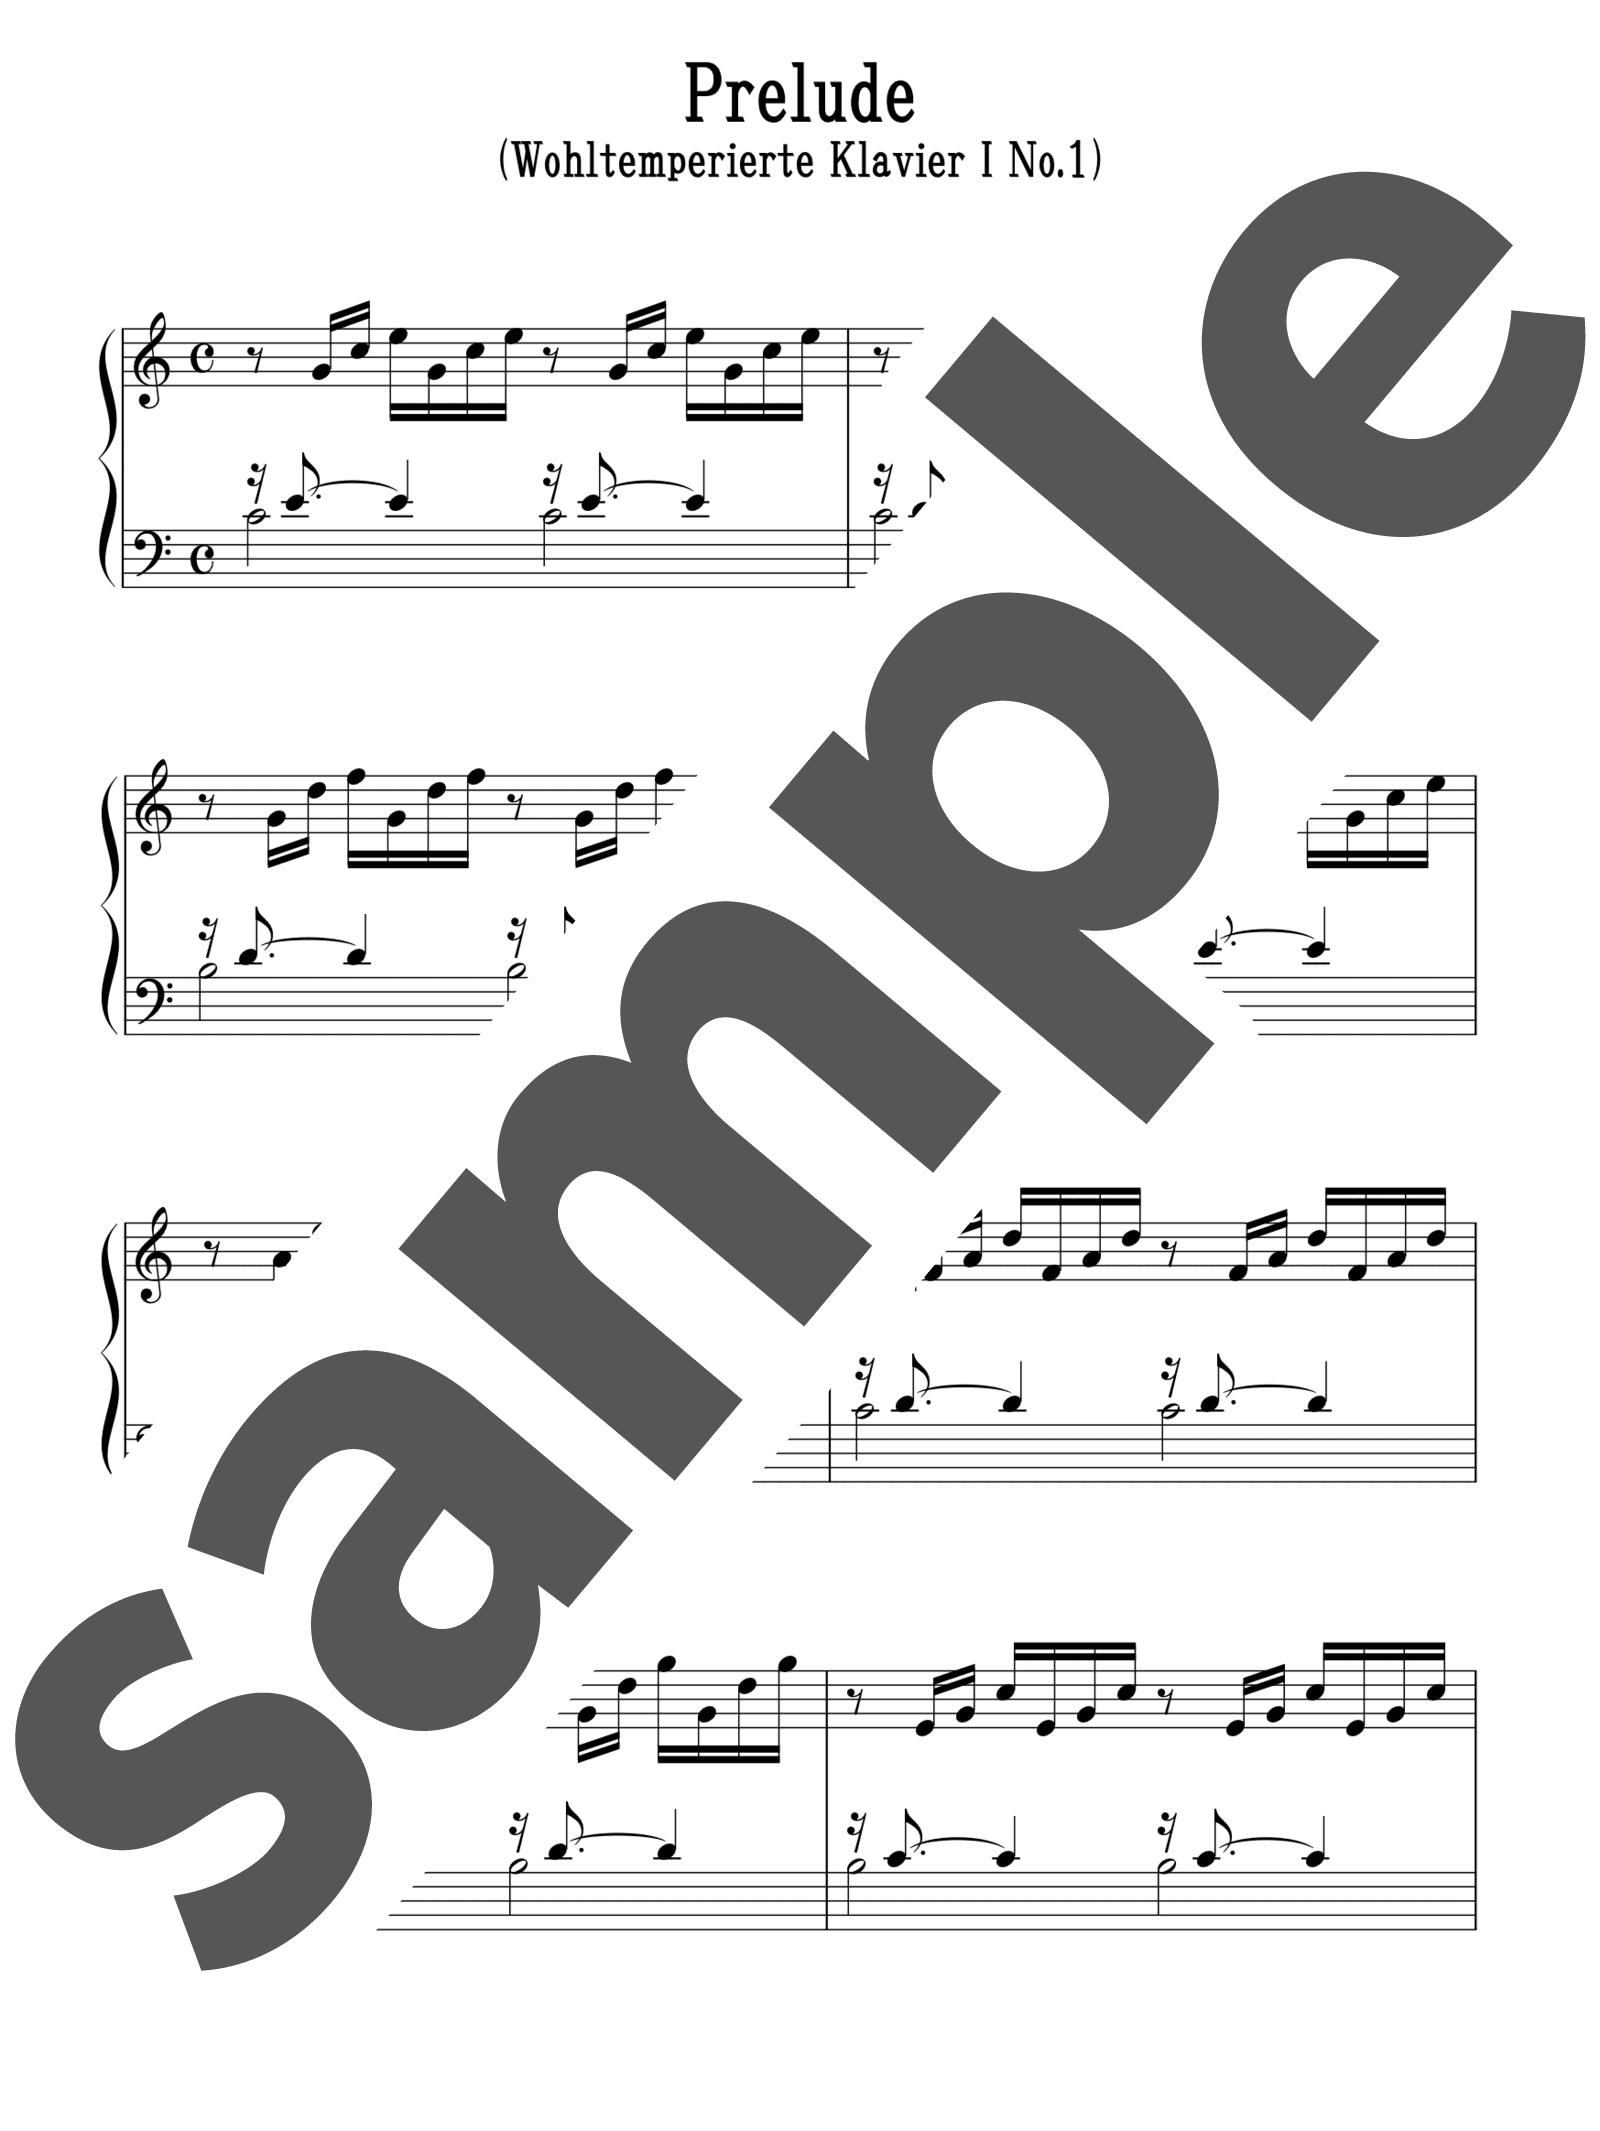 「平均律クラヴィーア曲集より「前奏曲」」のサンプル楽譜